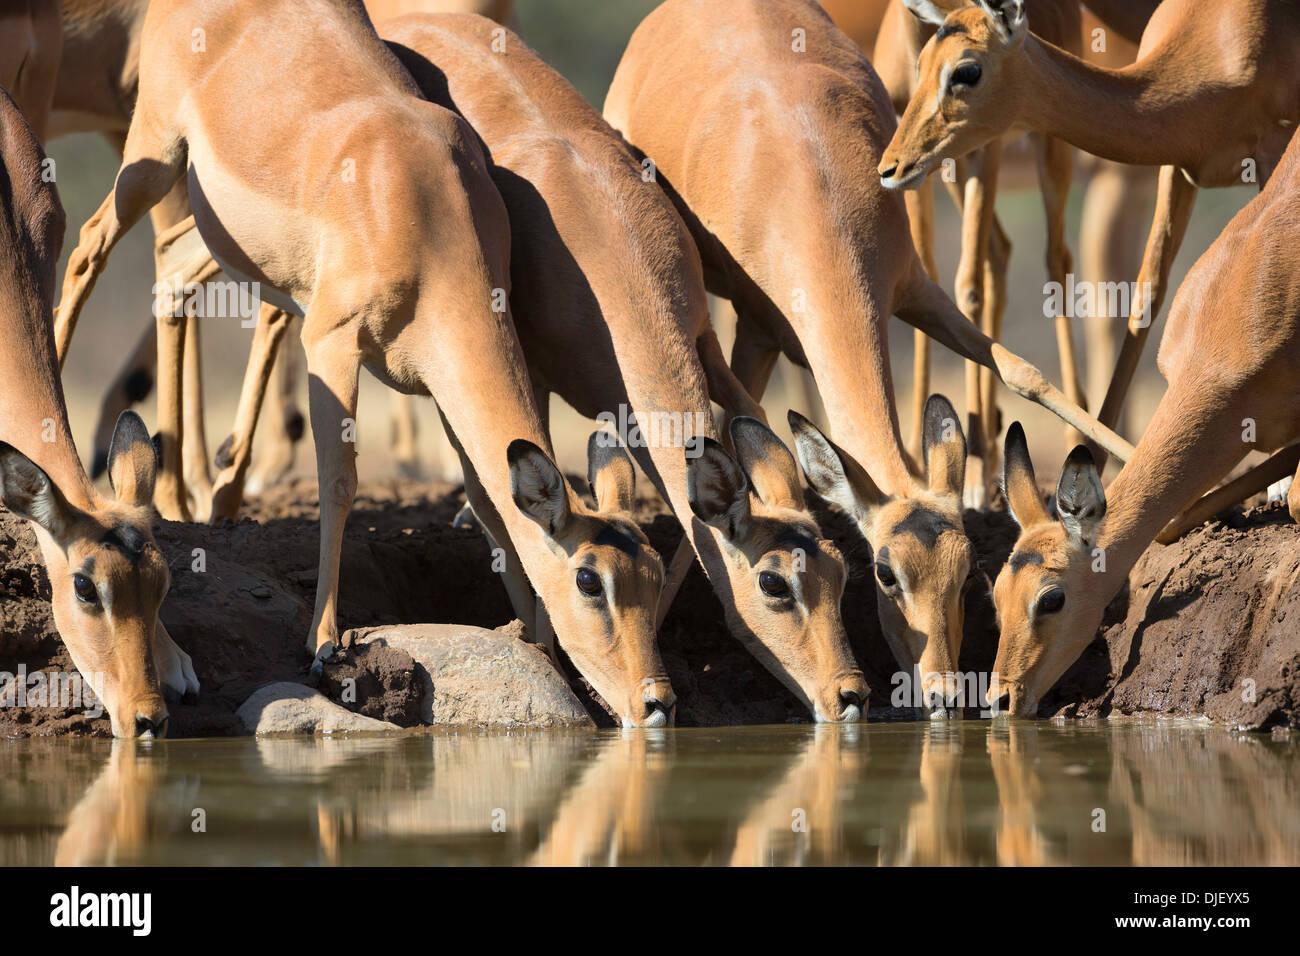 El Impala (Aepyceros melampus) beber en el abrevadero. La Reserva de Caza de Mashatu.Botswana Imagen De Stock